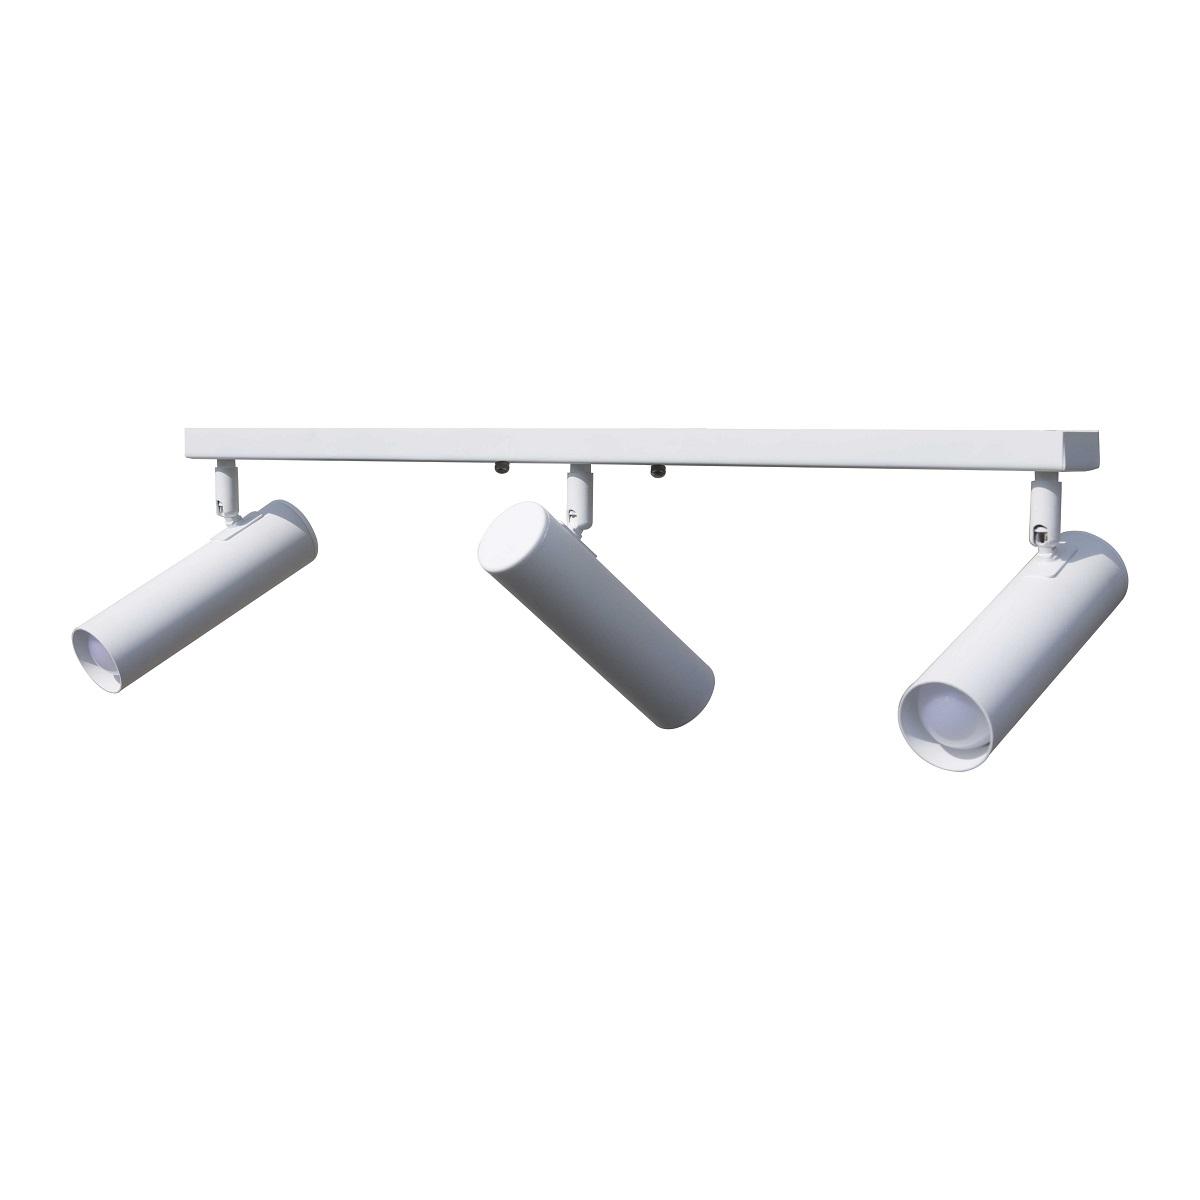 Светильники ЛОФТ - Люстра лофт потолочная с поворотным плафоном 000002785 - Фото 1